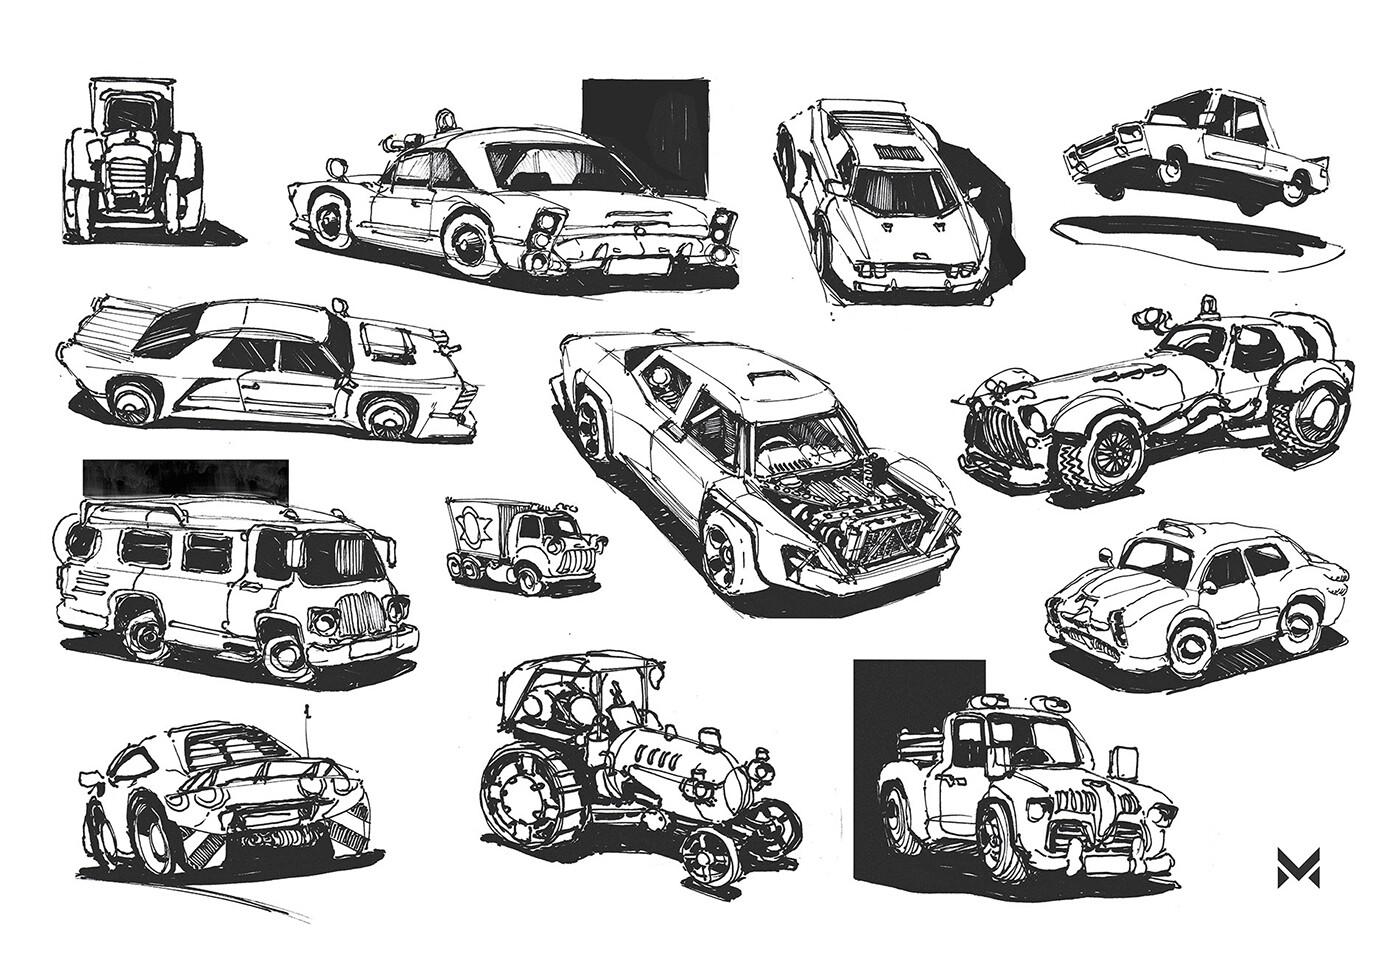 60s retro vehicle sketches